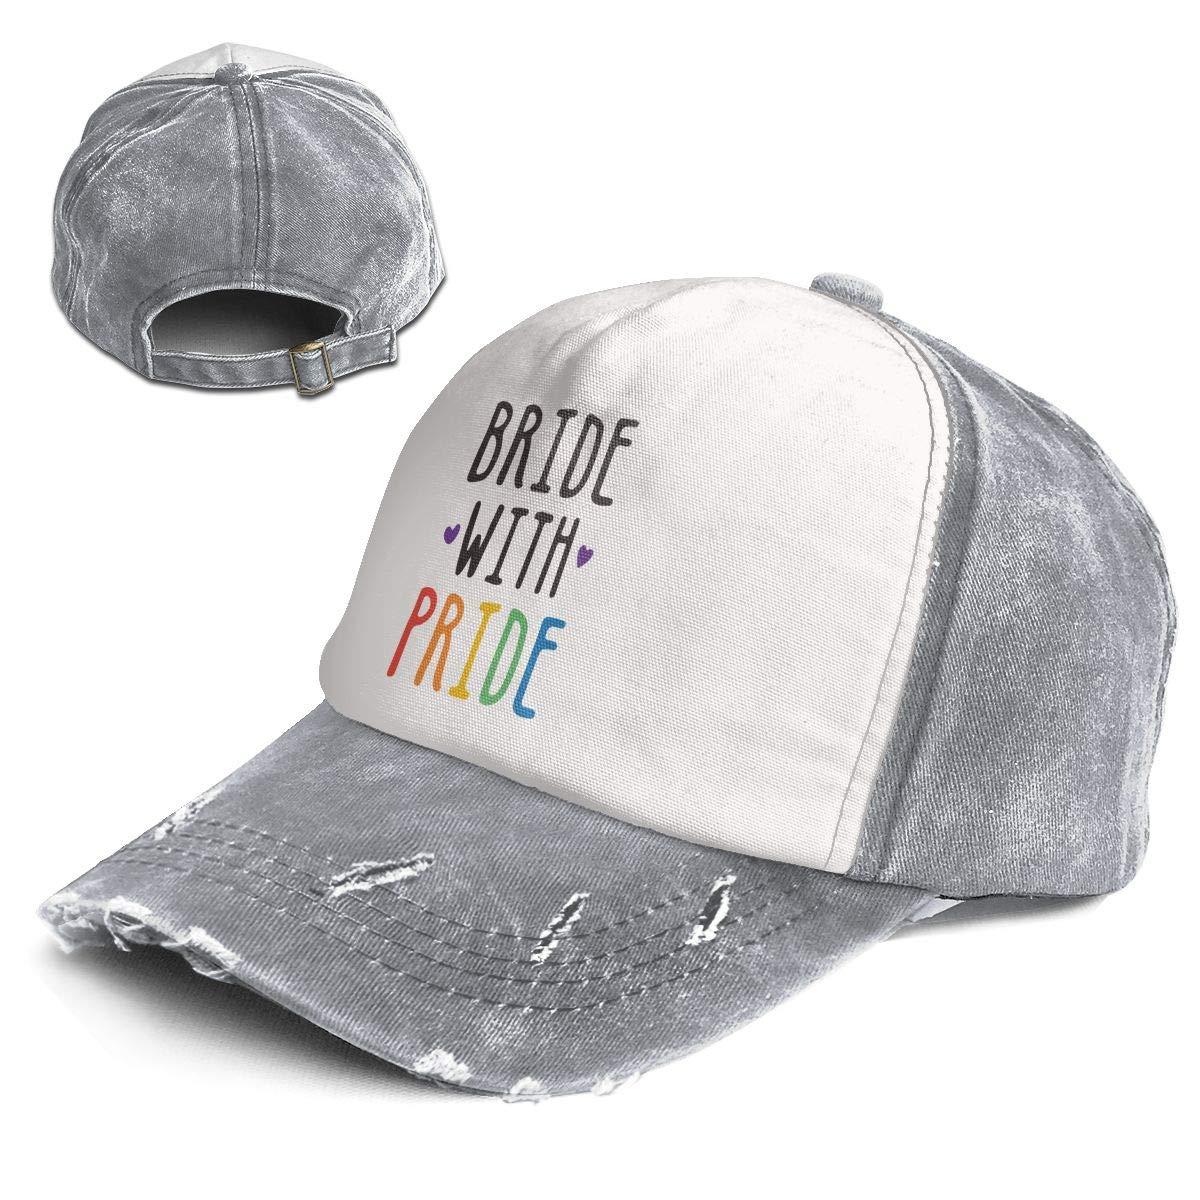 Fashion Vintage Hat Bride with Pride Adjustable Dad Hat Baseball Cowboy Cap